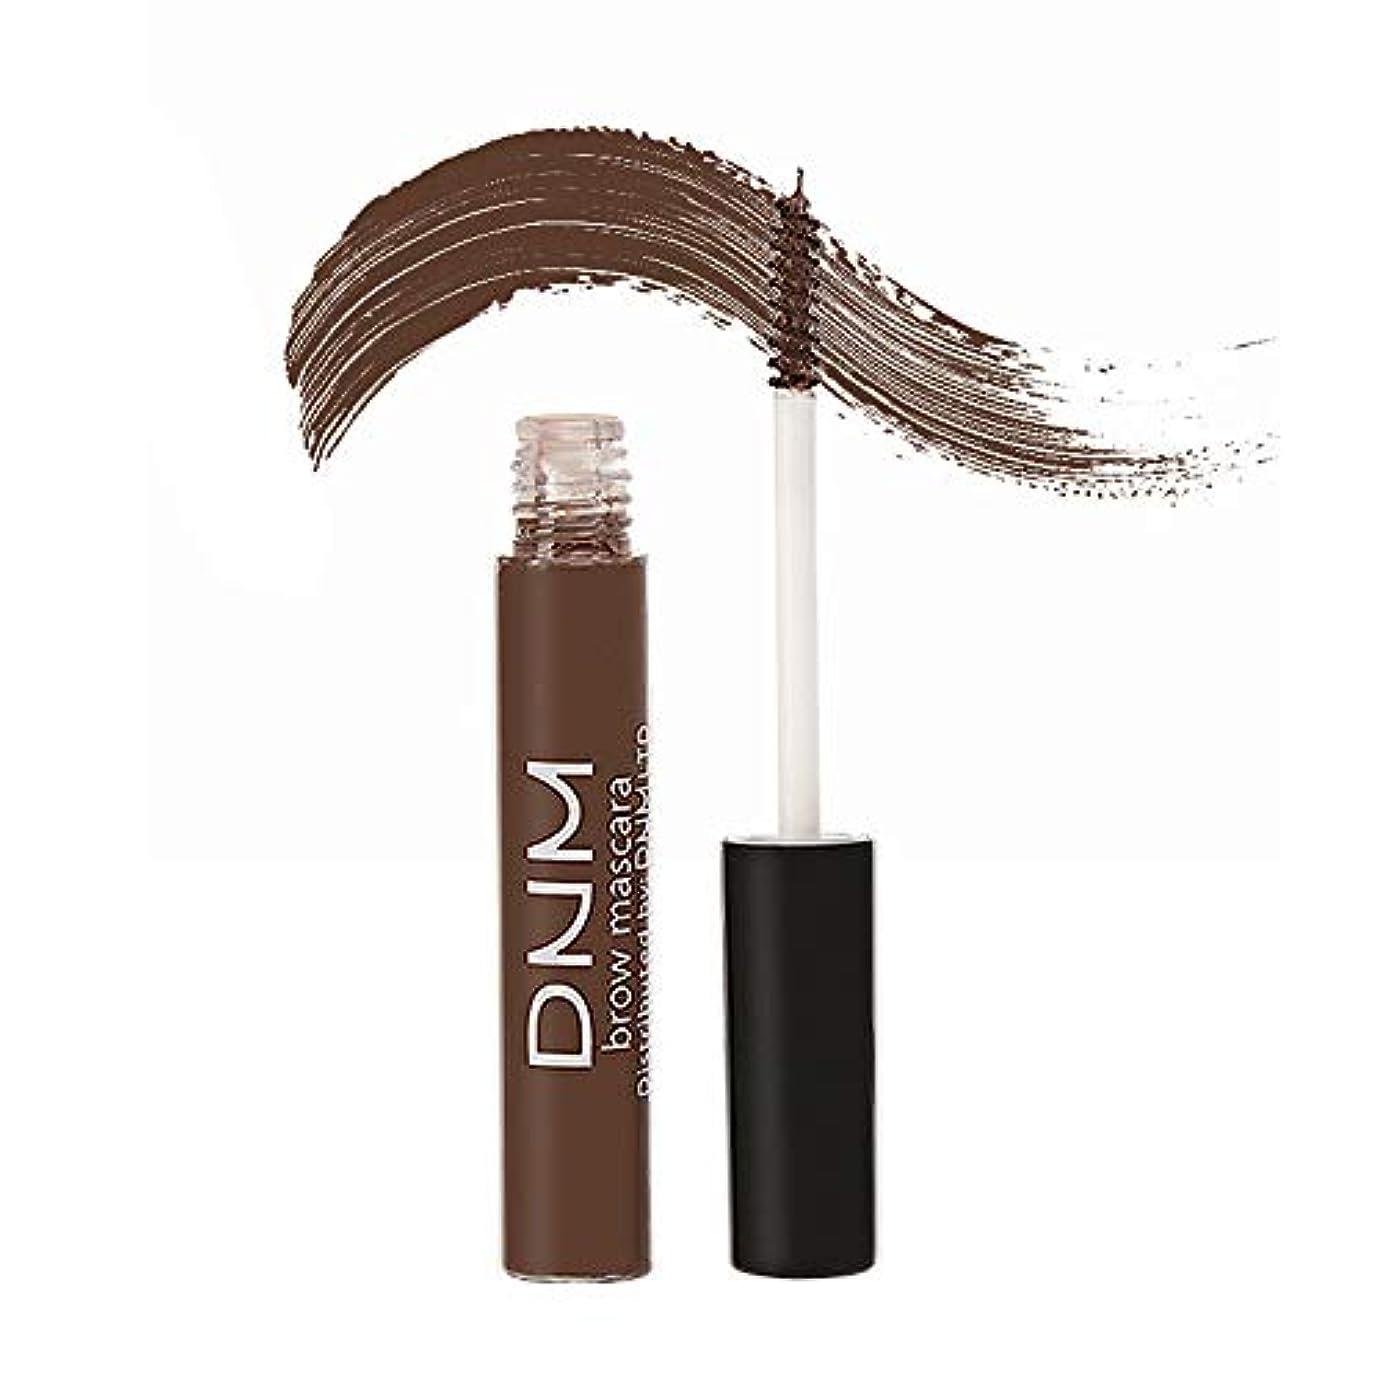 つぶすプレート和眉クリーム 防水 自然 眉毛 染まるペン 眉毛染料 保湿 長続き 5ml スッピン美人 使いやすい KAFF コーヒー